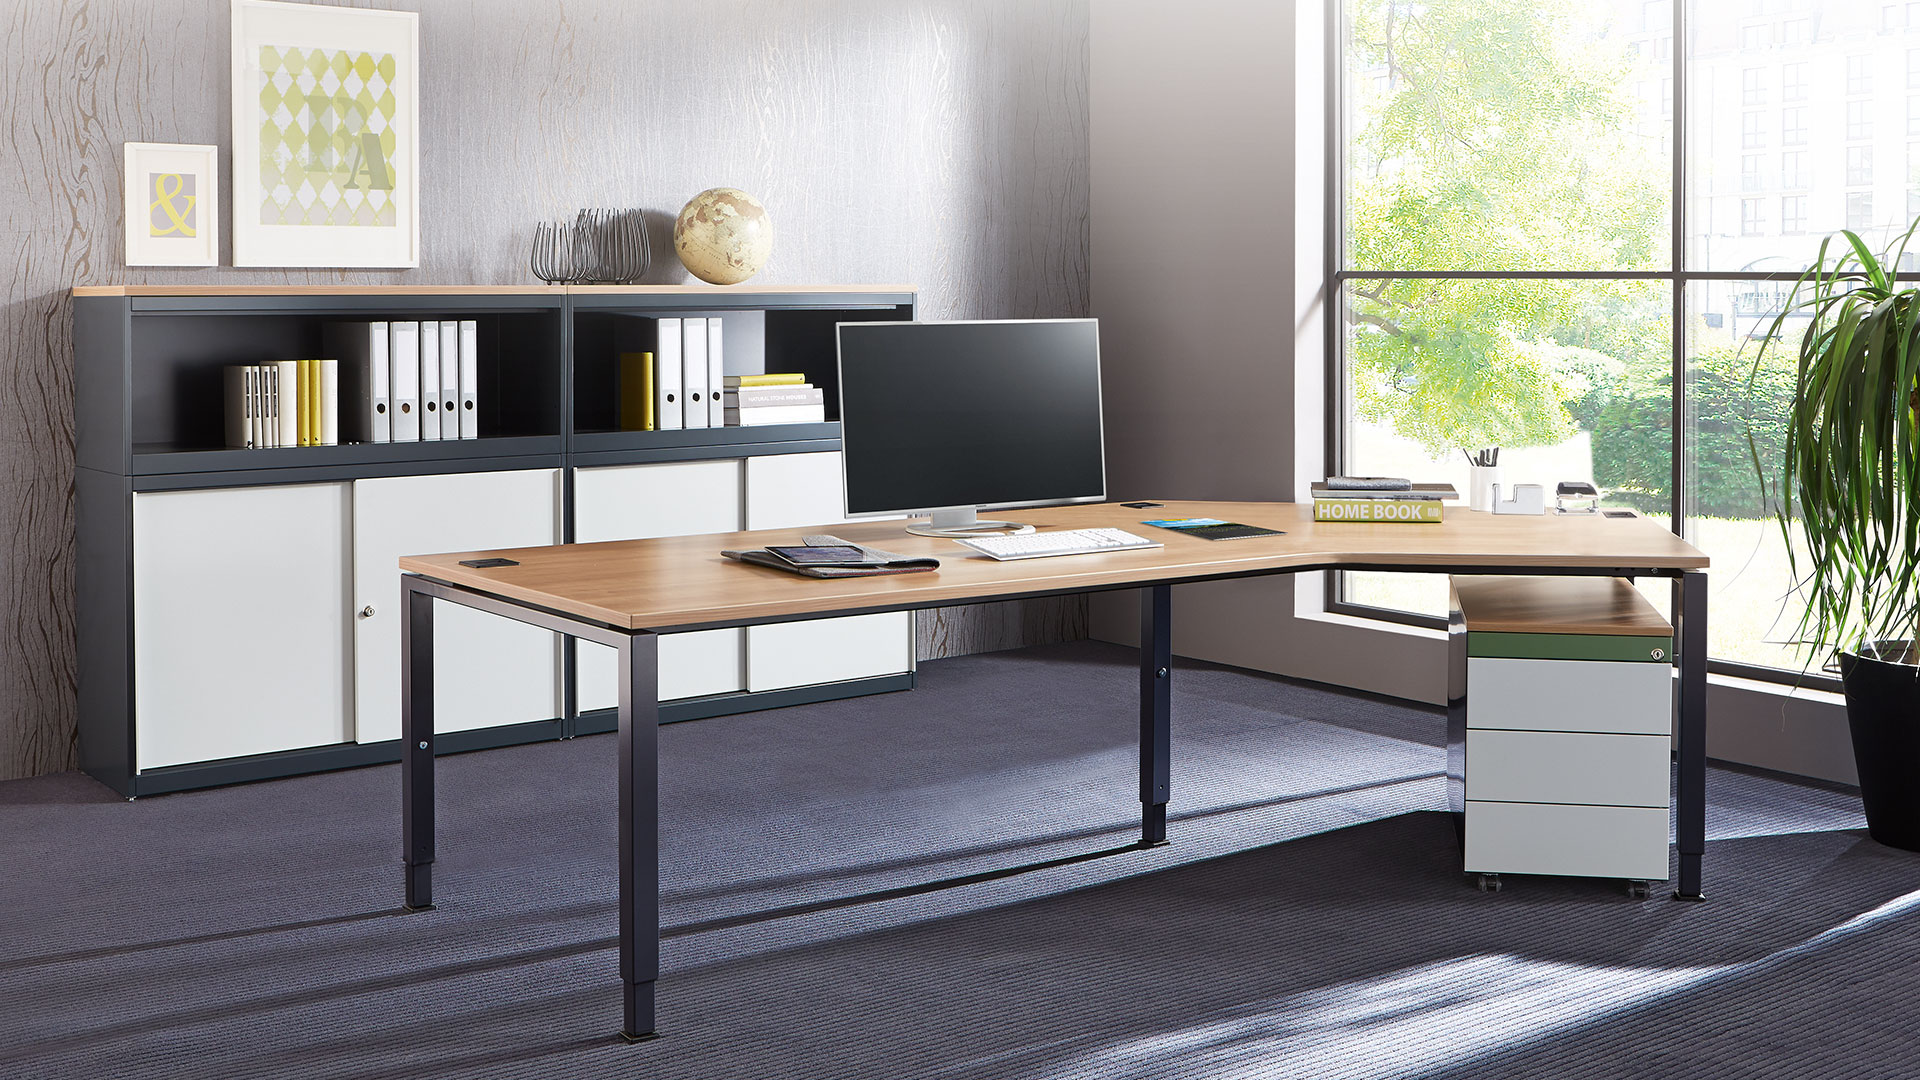 Schreibtisch-Arbeitstisch-Winkelansatz-arcos-mauser-16-94FaqPo5vb3Vtk